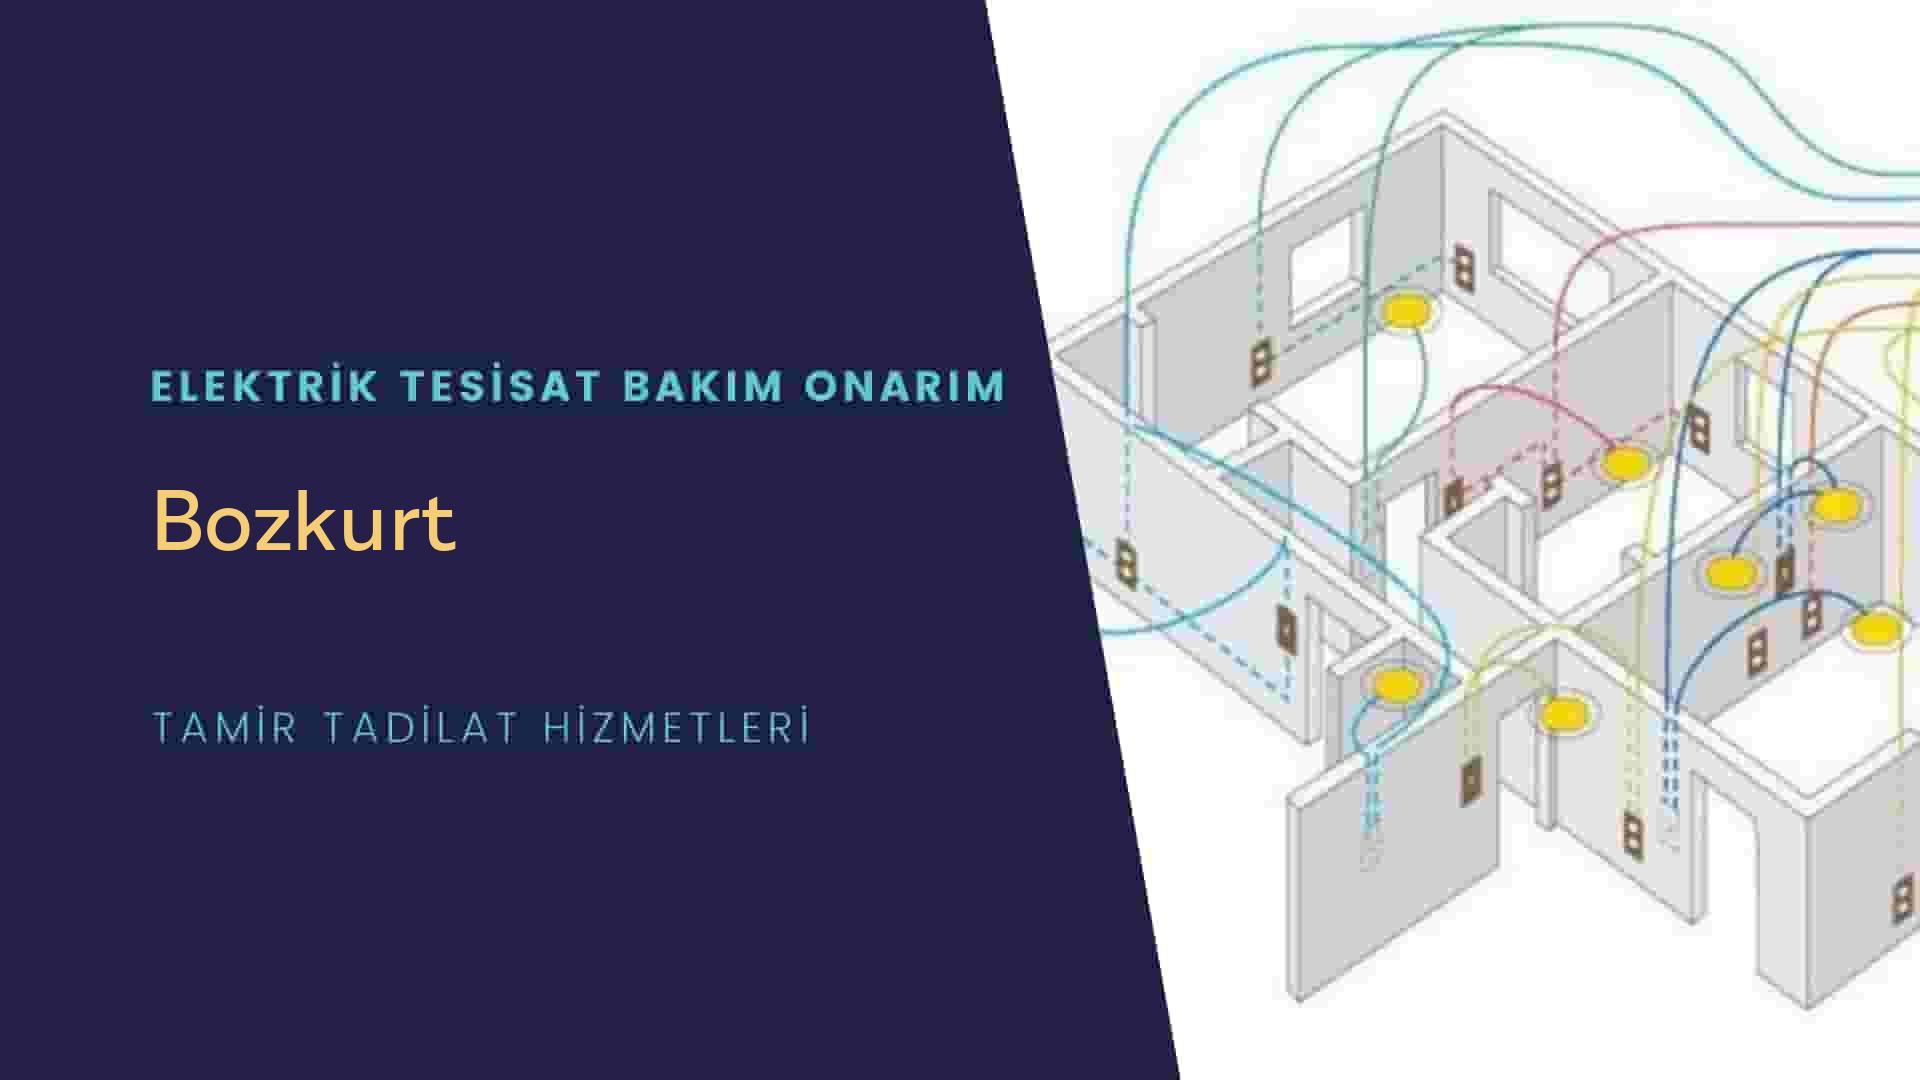 Bozkurt'te elektrik tesisatıustalarımı arıyorsunuz doğru adrestenizi Bozkurt elektrik tesisatı ustalarımız 7/24 sizlere hizmet vermekten mutluluk duyar.